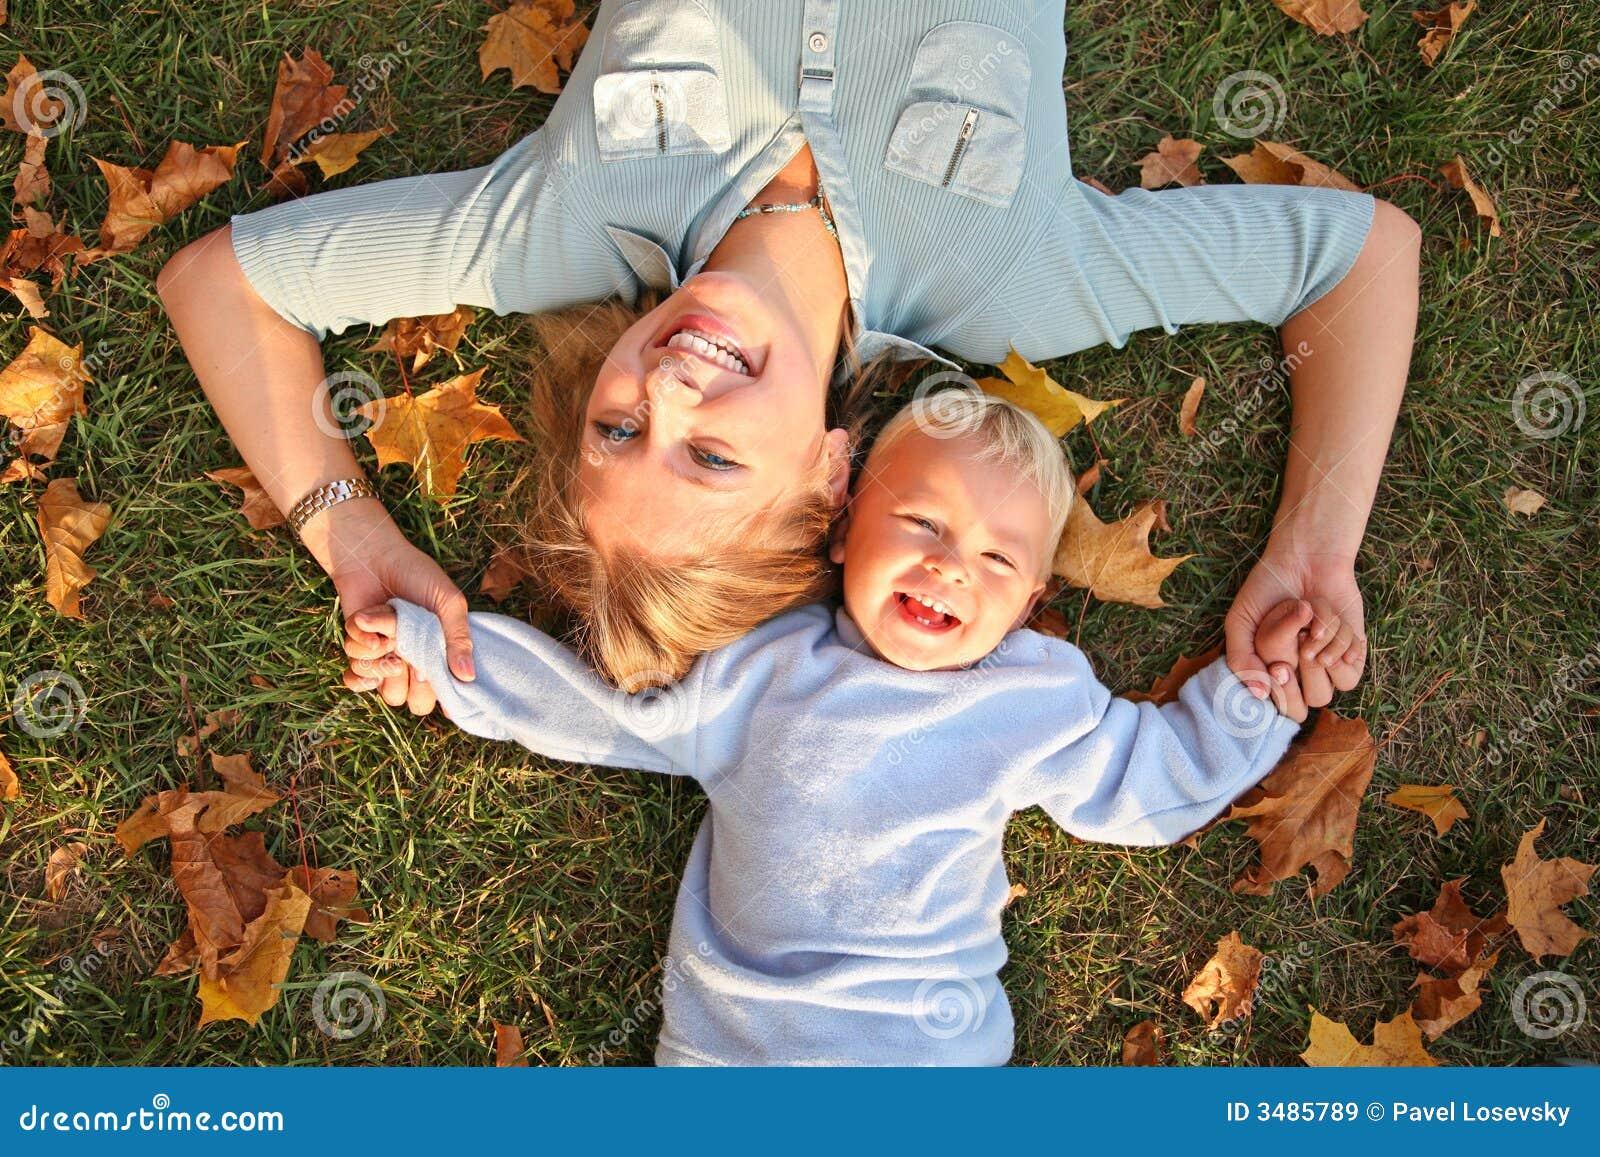 Фото мамы с сыном 22 фотография